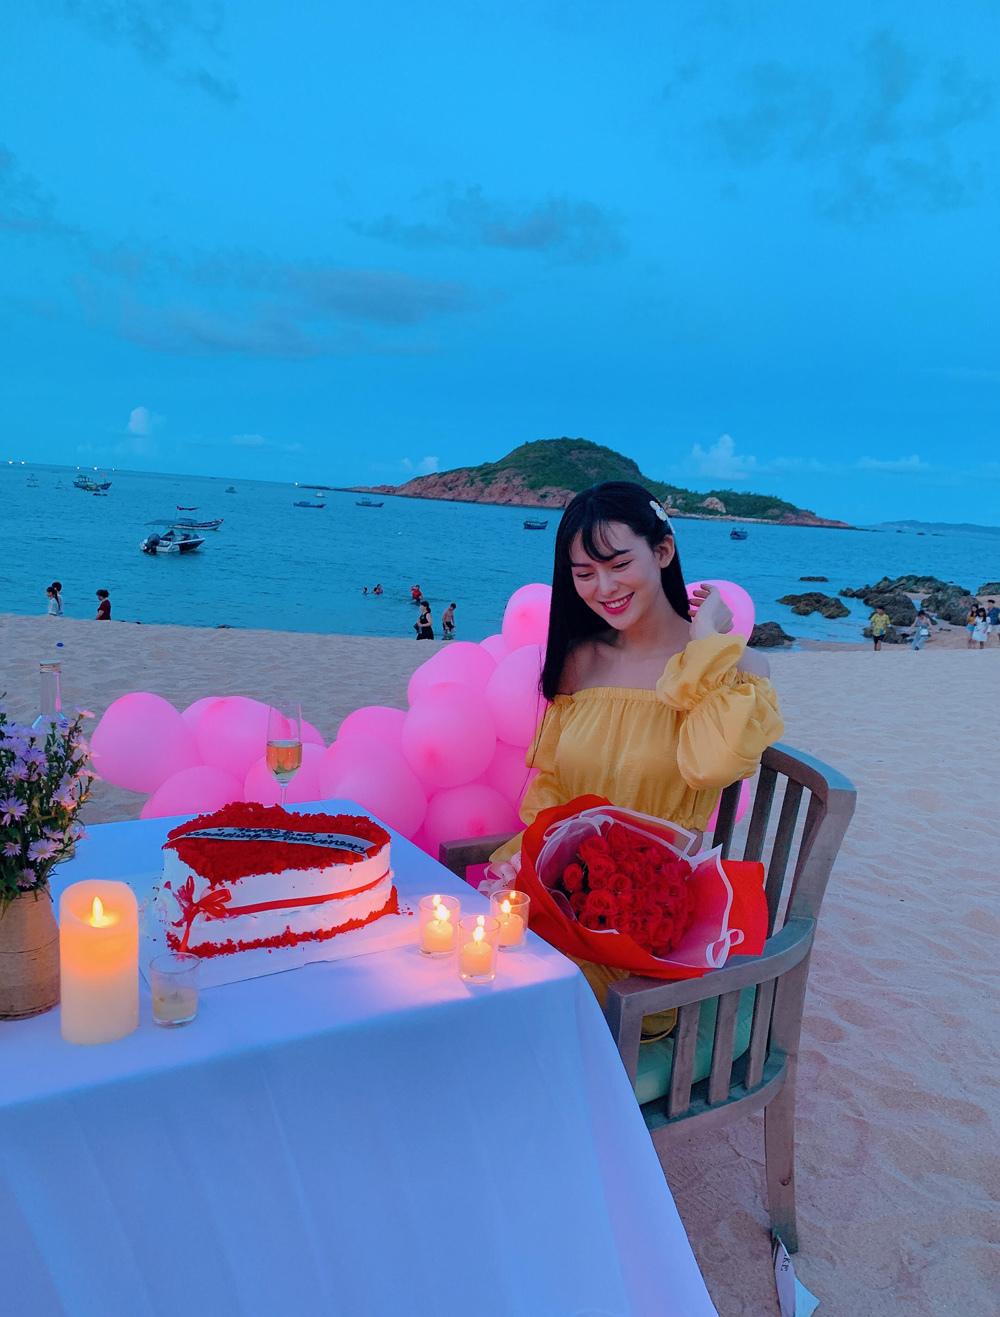 Quà kỉ niệm ngày cưới của đại gia mía đườngkhiến hoa hậu bất ngờ